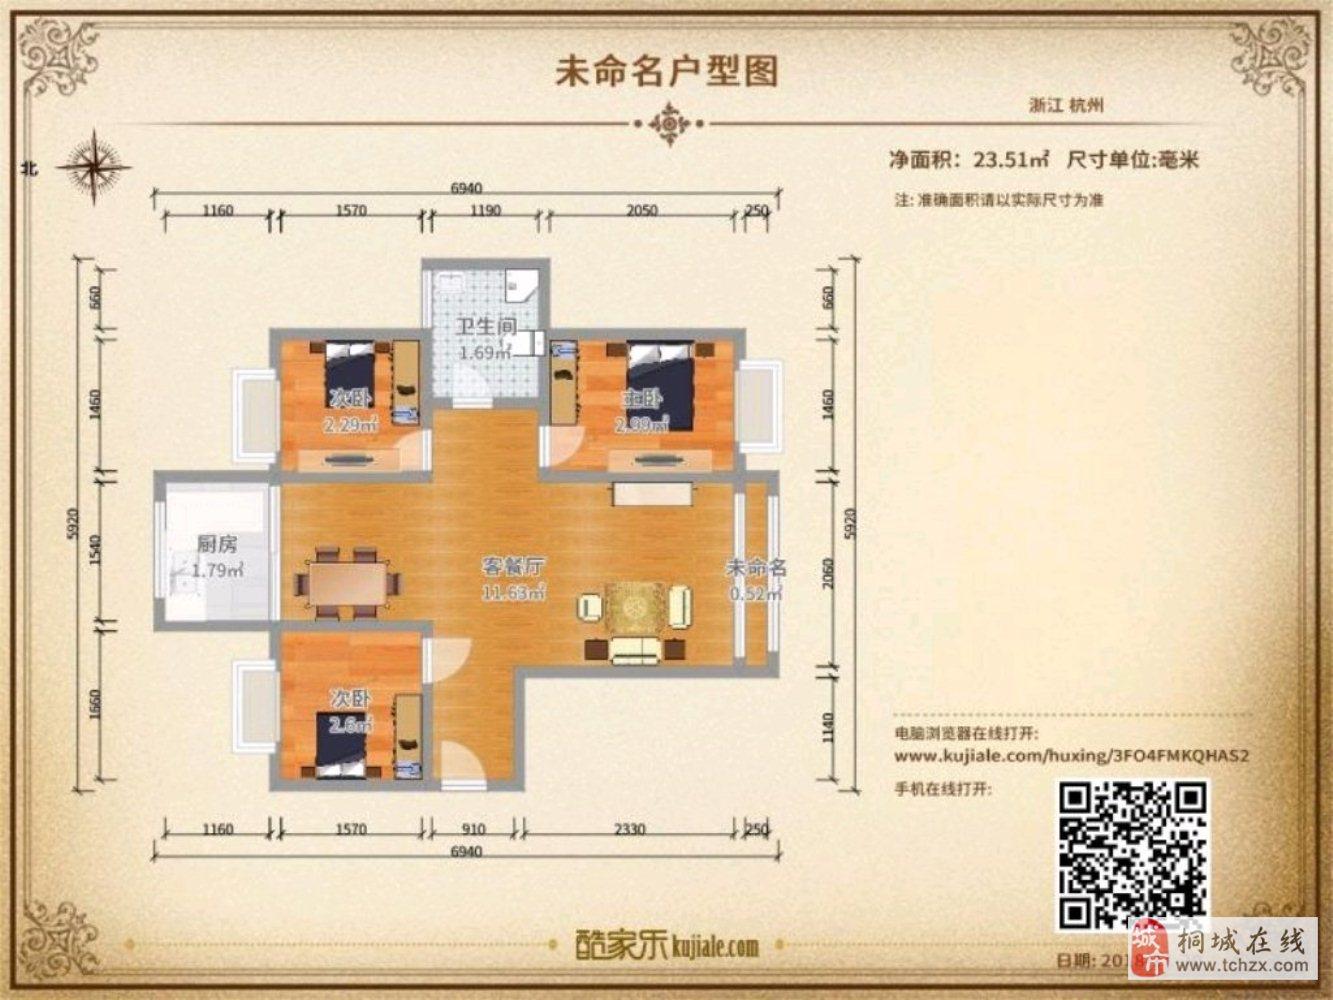 新东方世纪城3室2厅1卫75万元